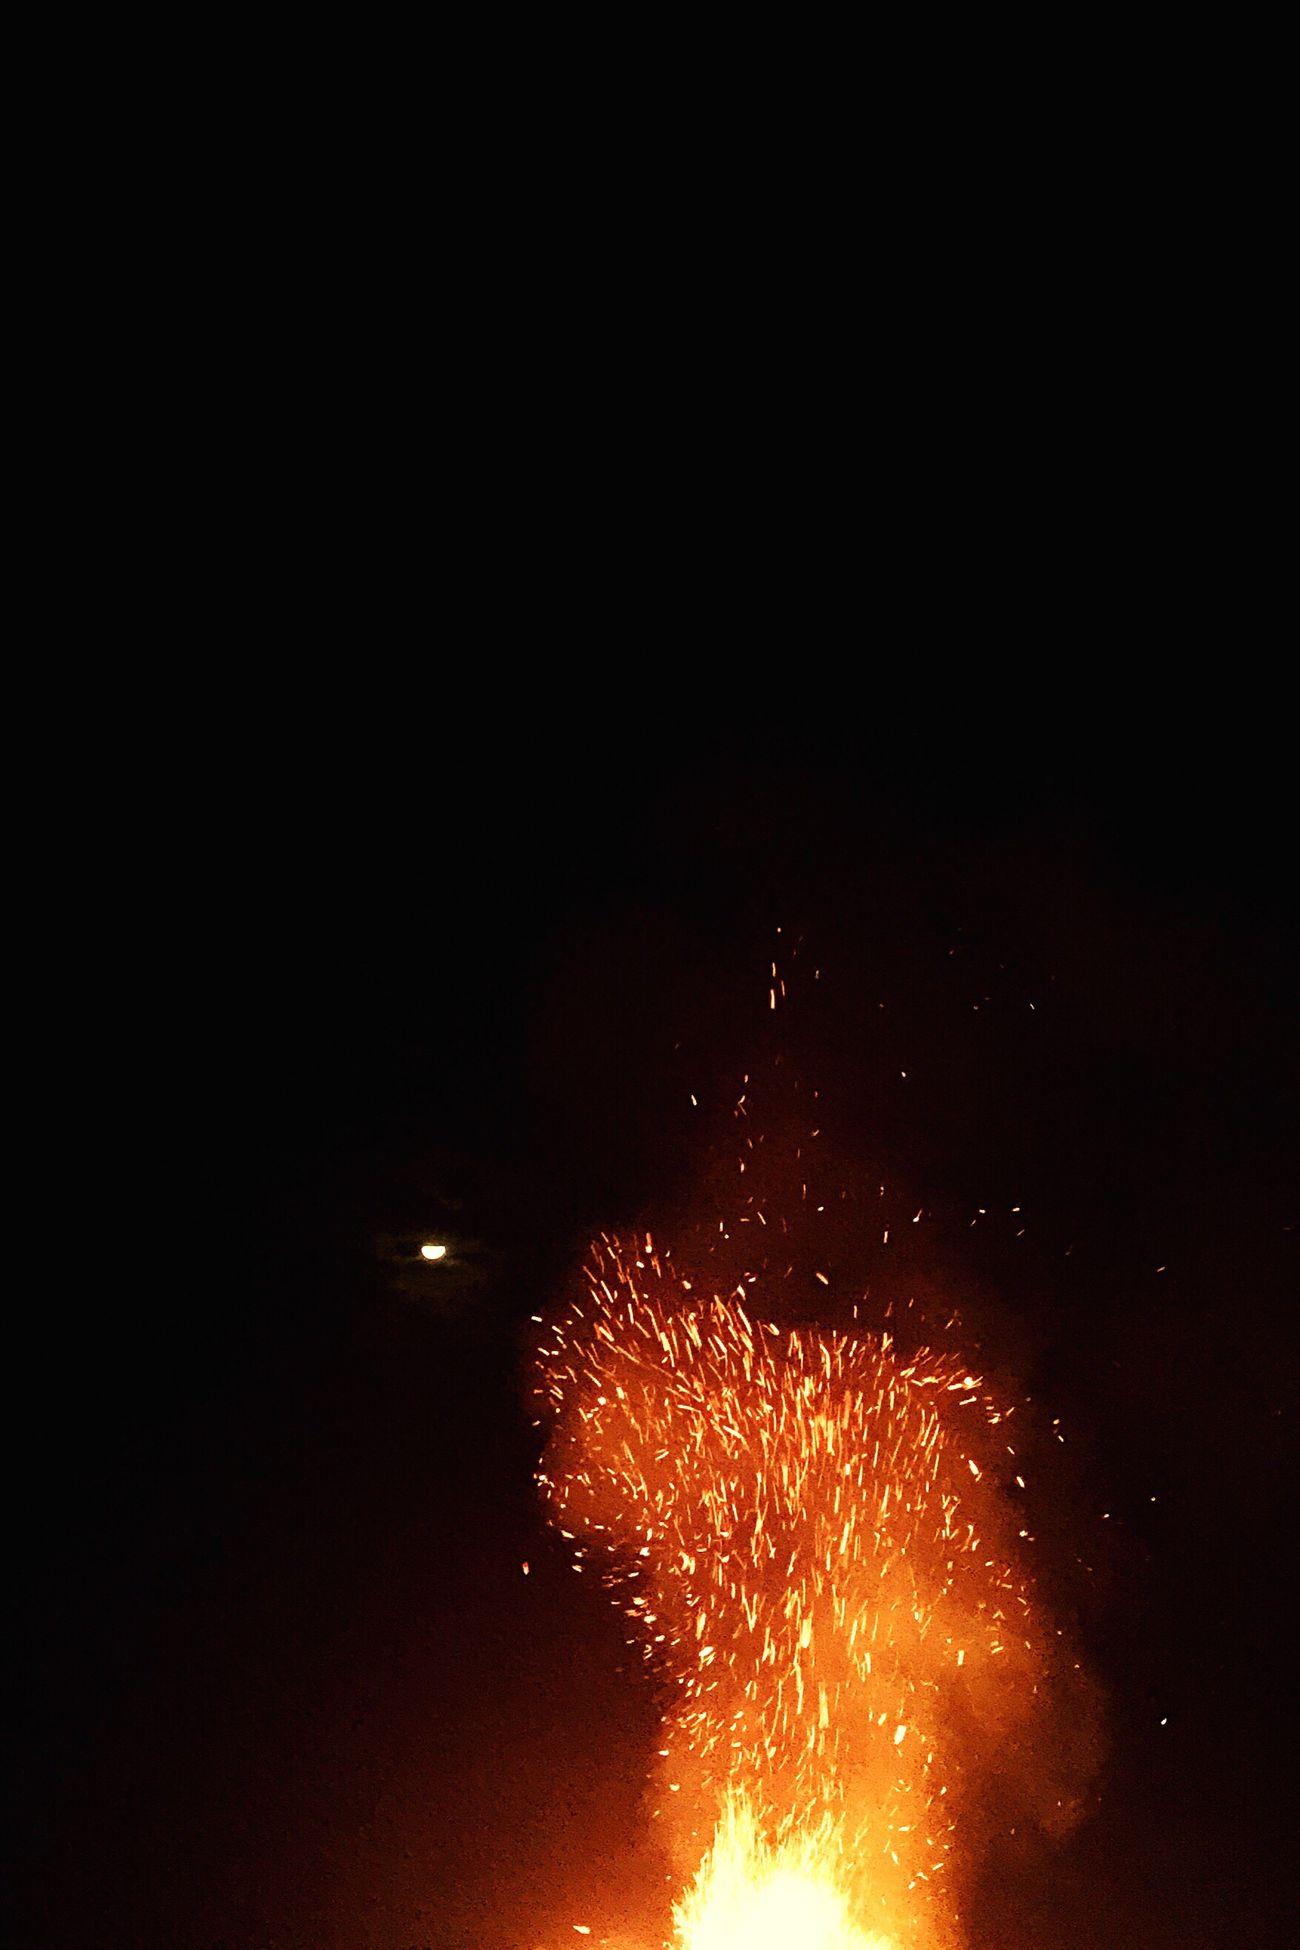 景 Motion Heat - Temperature Glowing Long Exposure Sparks Smoke - Physical Structure Night Exploding Firework - Man Made Object Firework Display Celebration Illuminated No People Burning Outdoors BEIJING北京CHINA中国BEAUTY